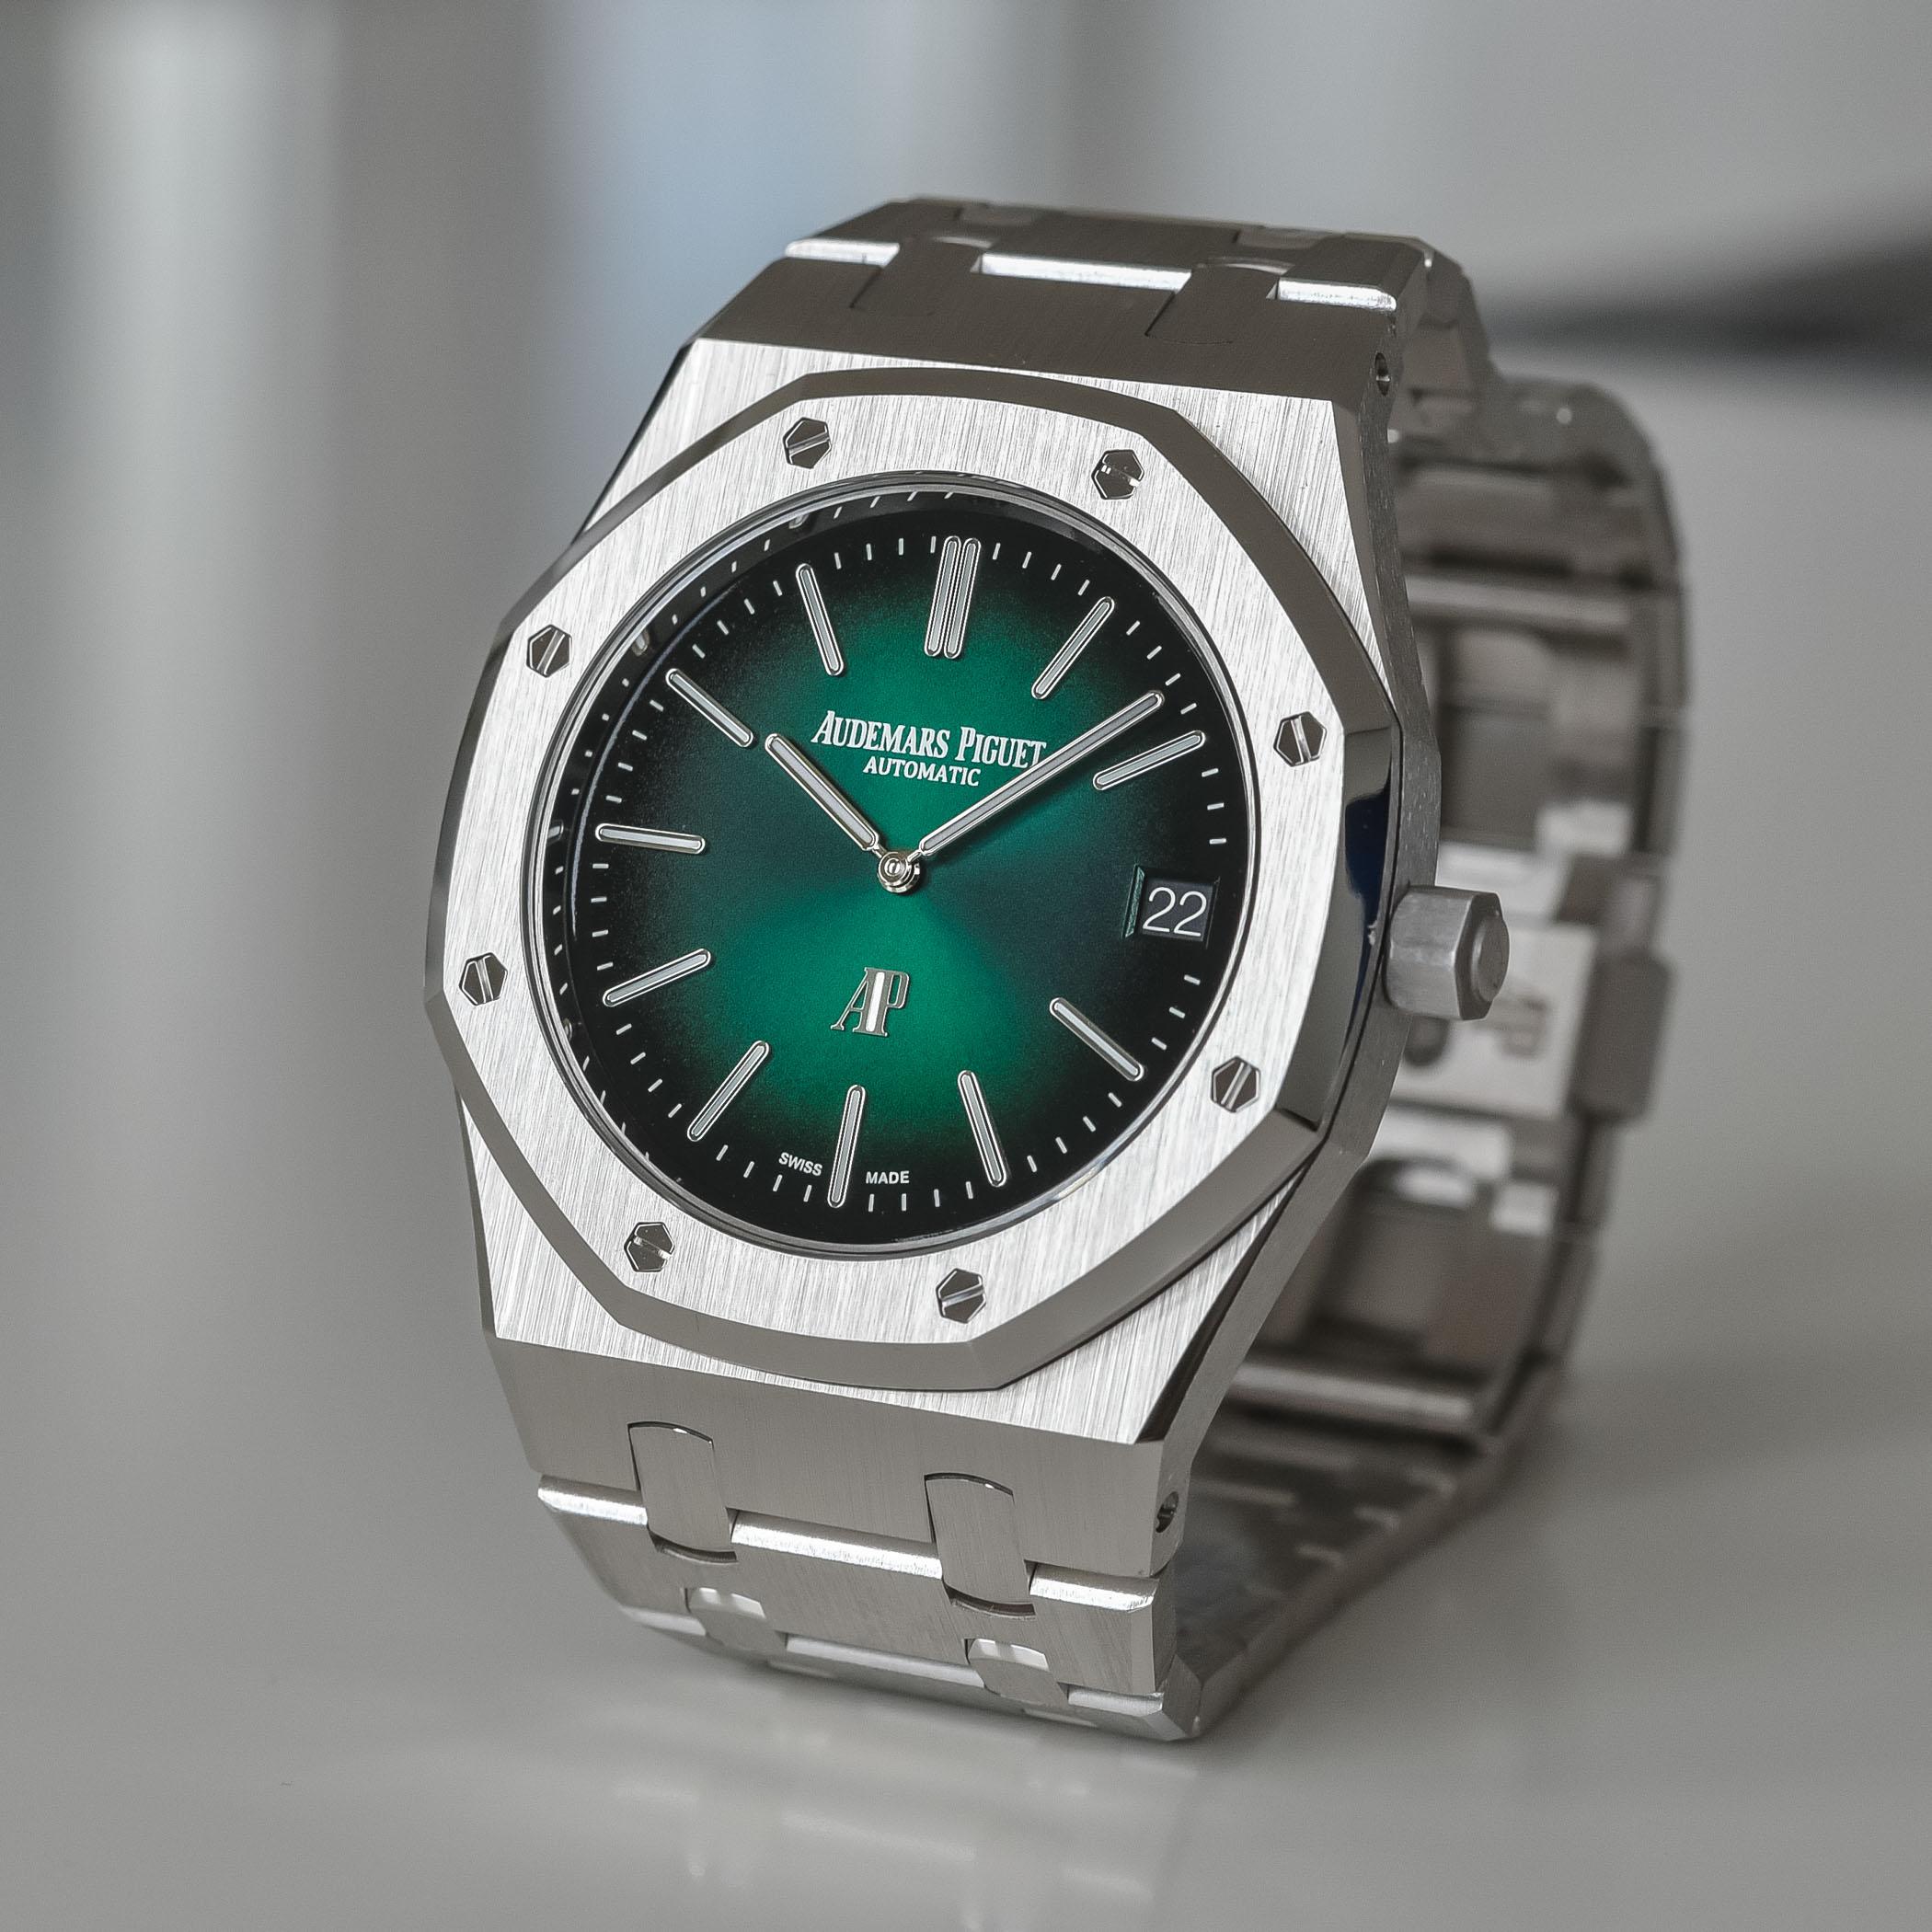 Audemars Piguet Royal Oak Jumbo Extra-Thin Platinum Smoked Green Dial 15202PT